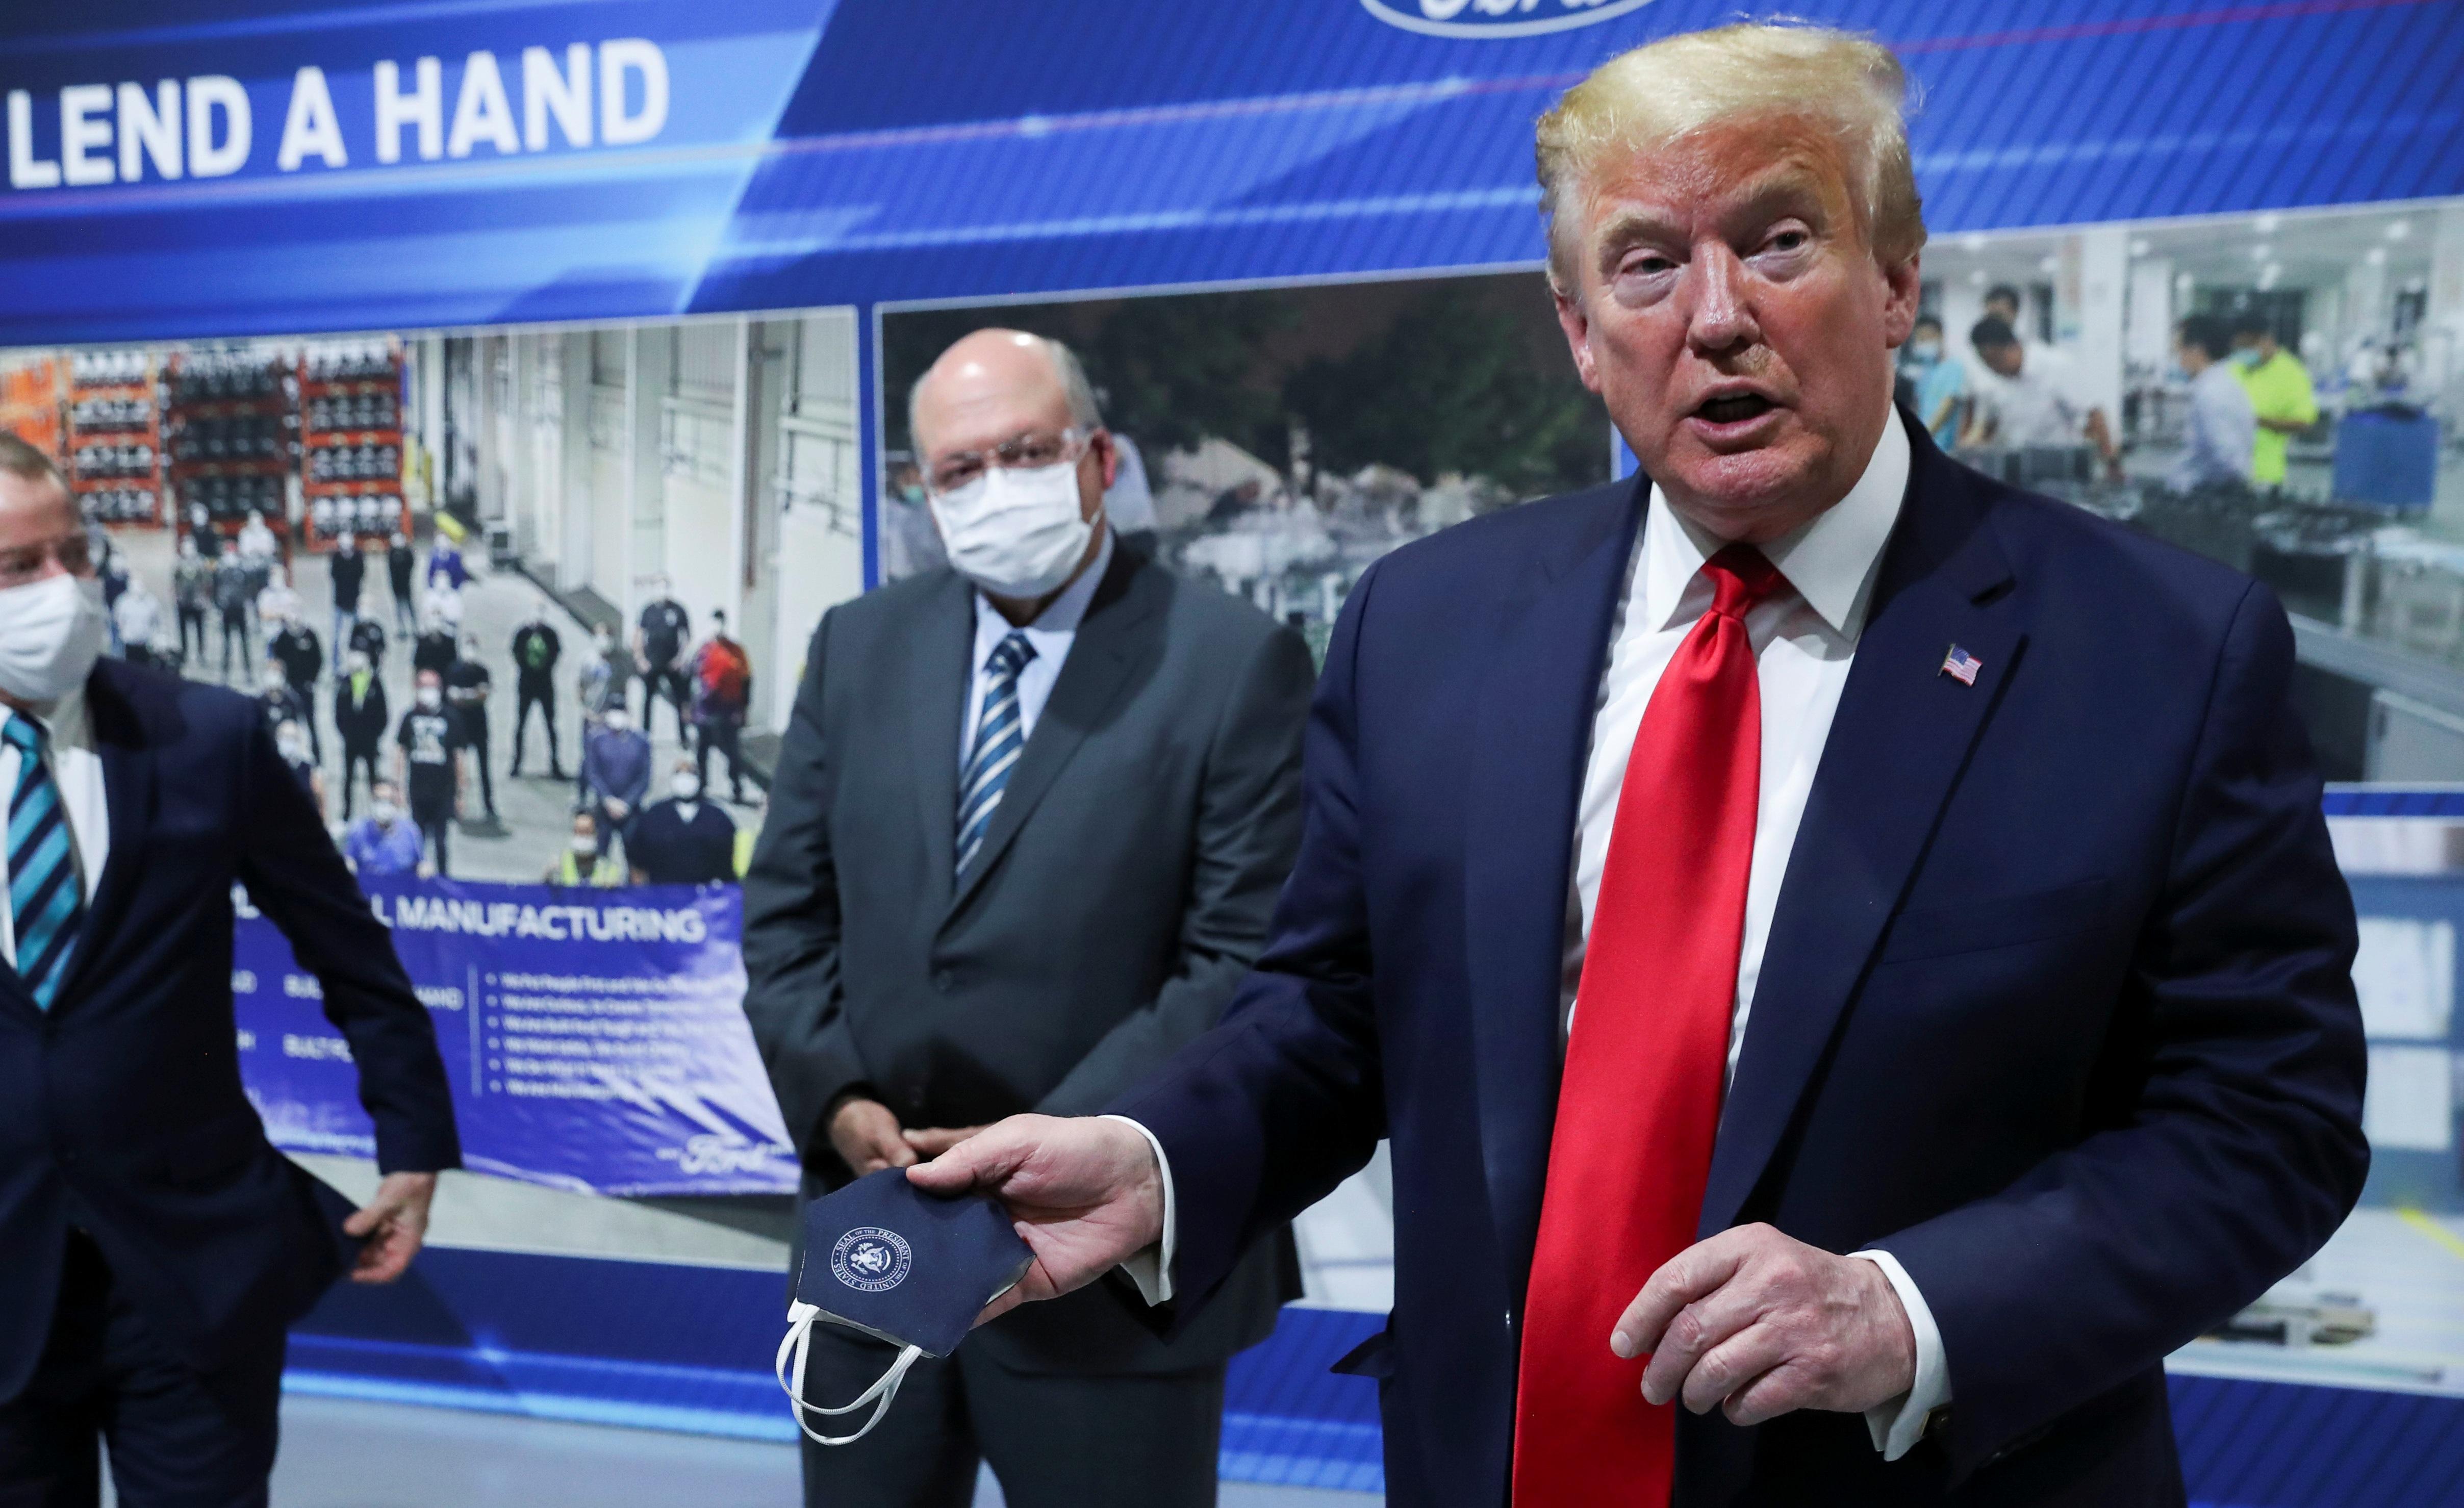 """Ông Trump chỉ đeo khẩu trang """"chớp nhoáng"""", không muốn báo chí nhìn thấy - 1"""